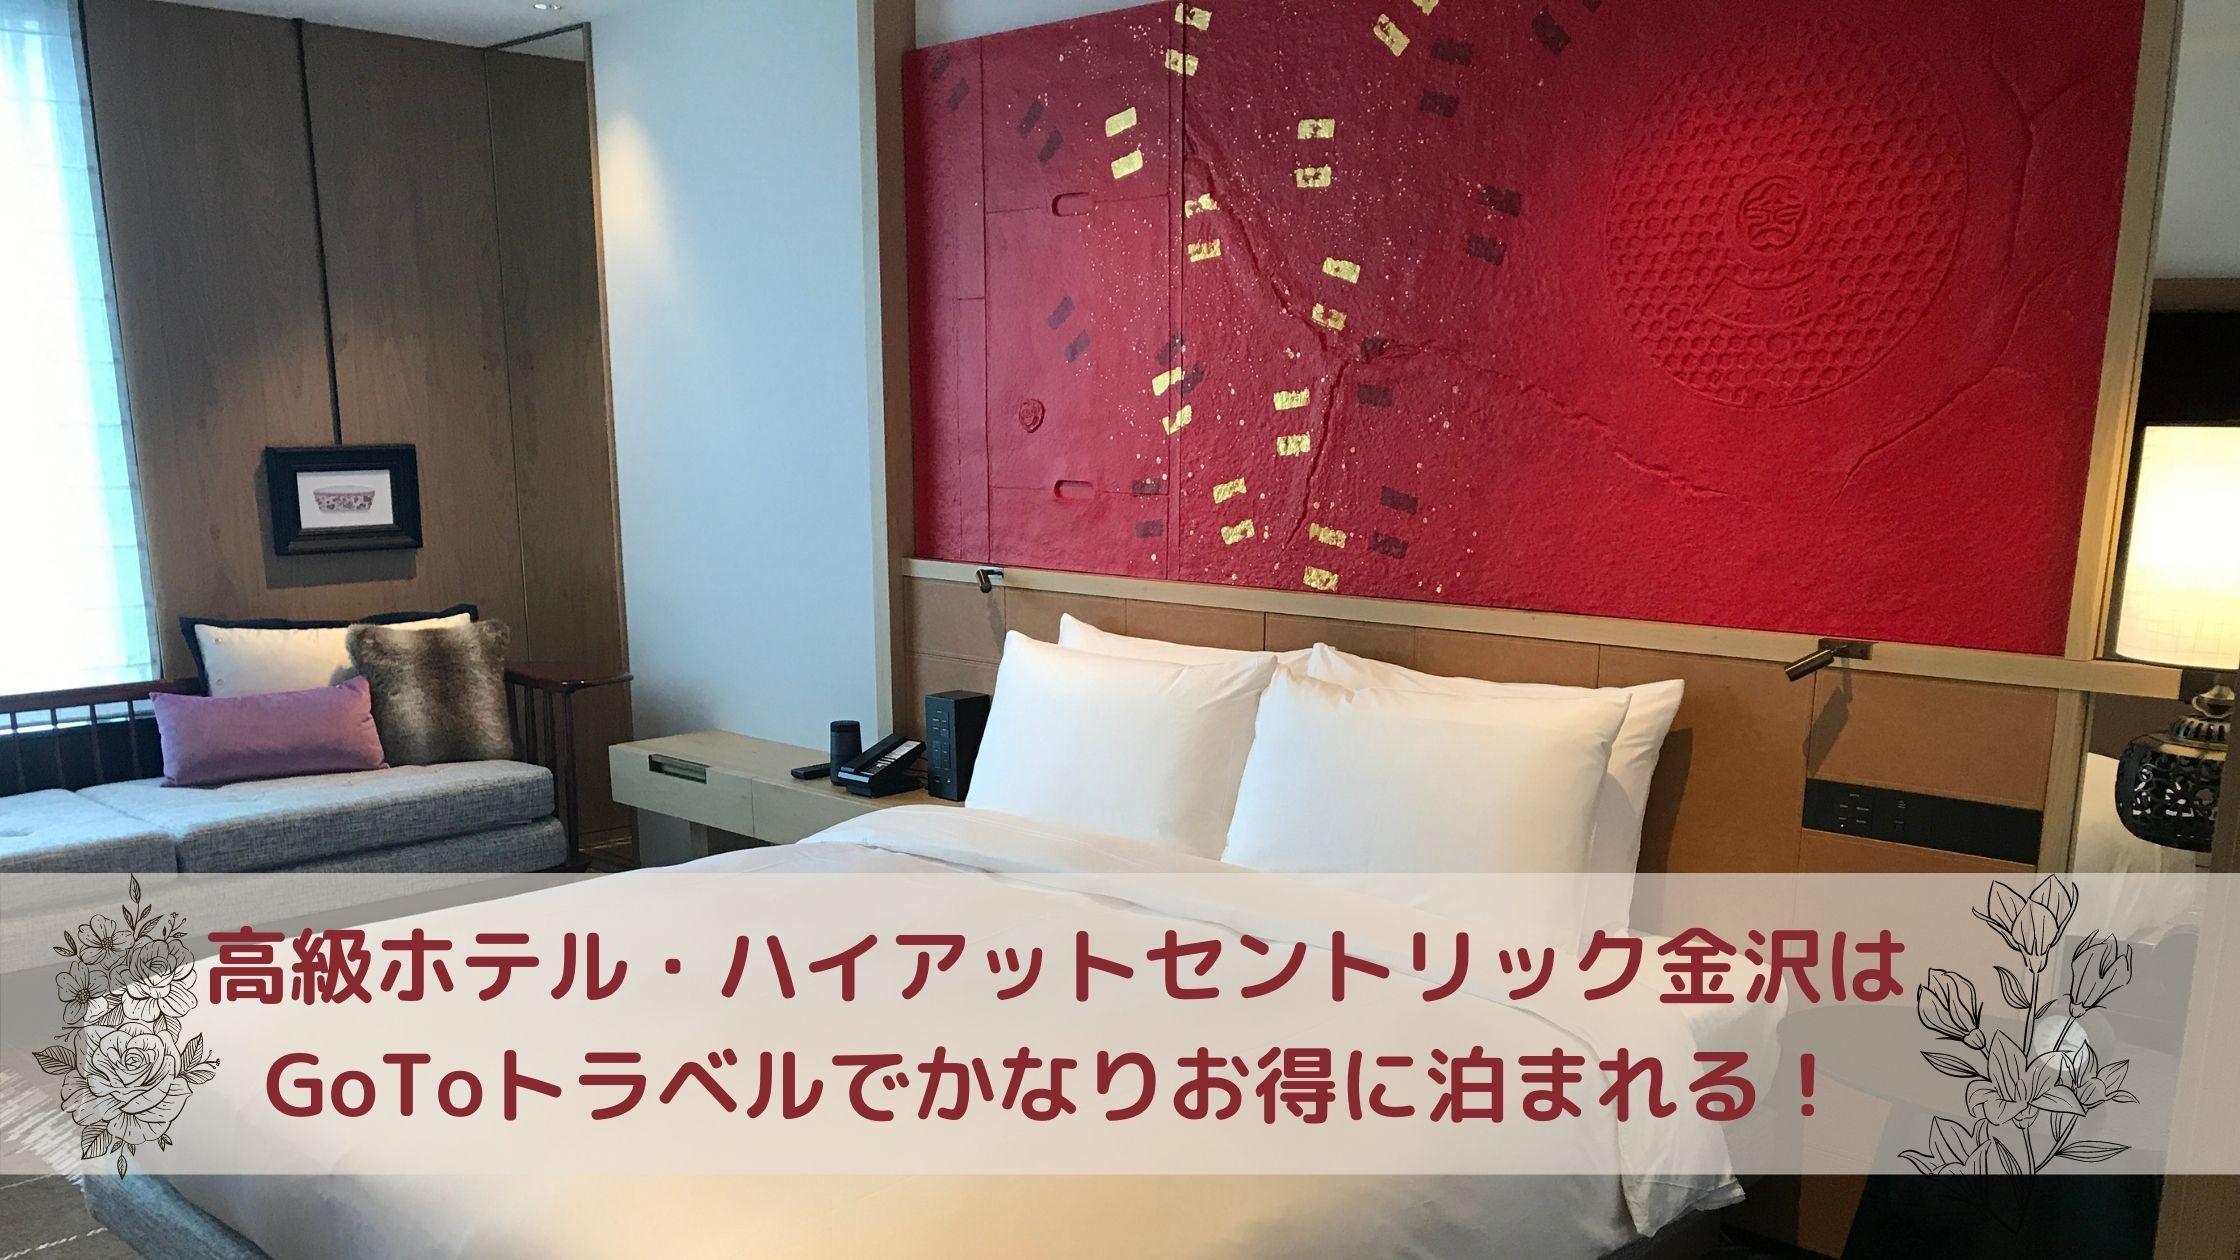 ハイアットセントリック金沢 ブログ